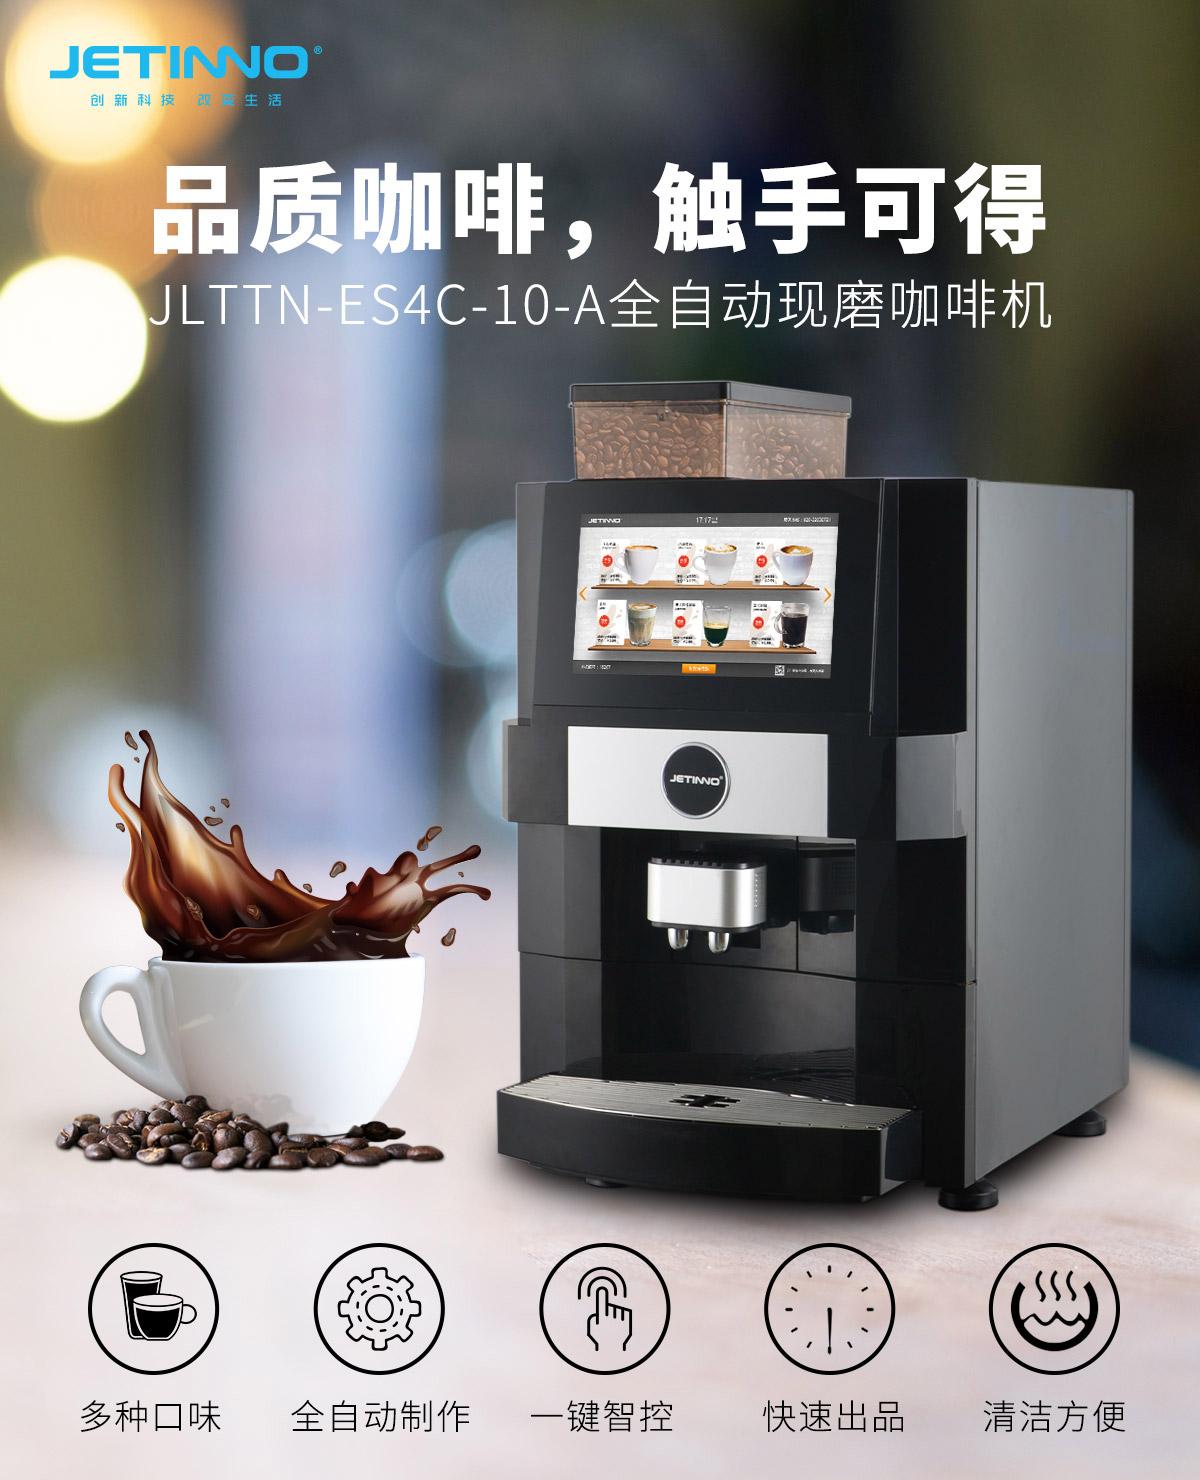 办公室现磨咖啡机,茶水间用咖啡设备,技诺公司用咖啡机